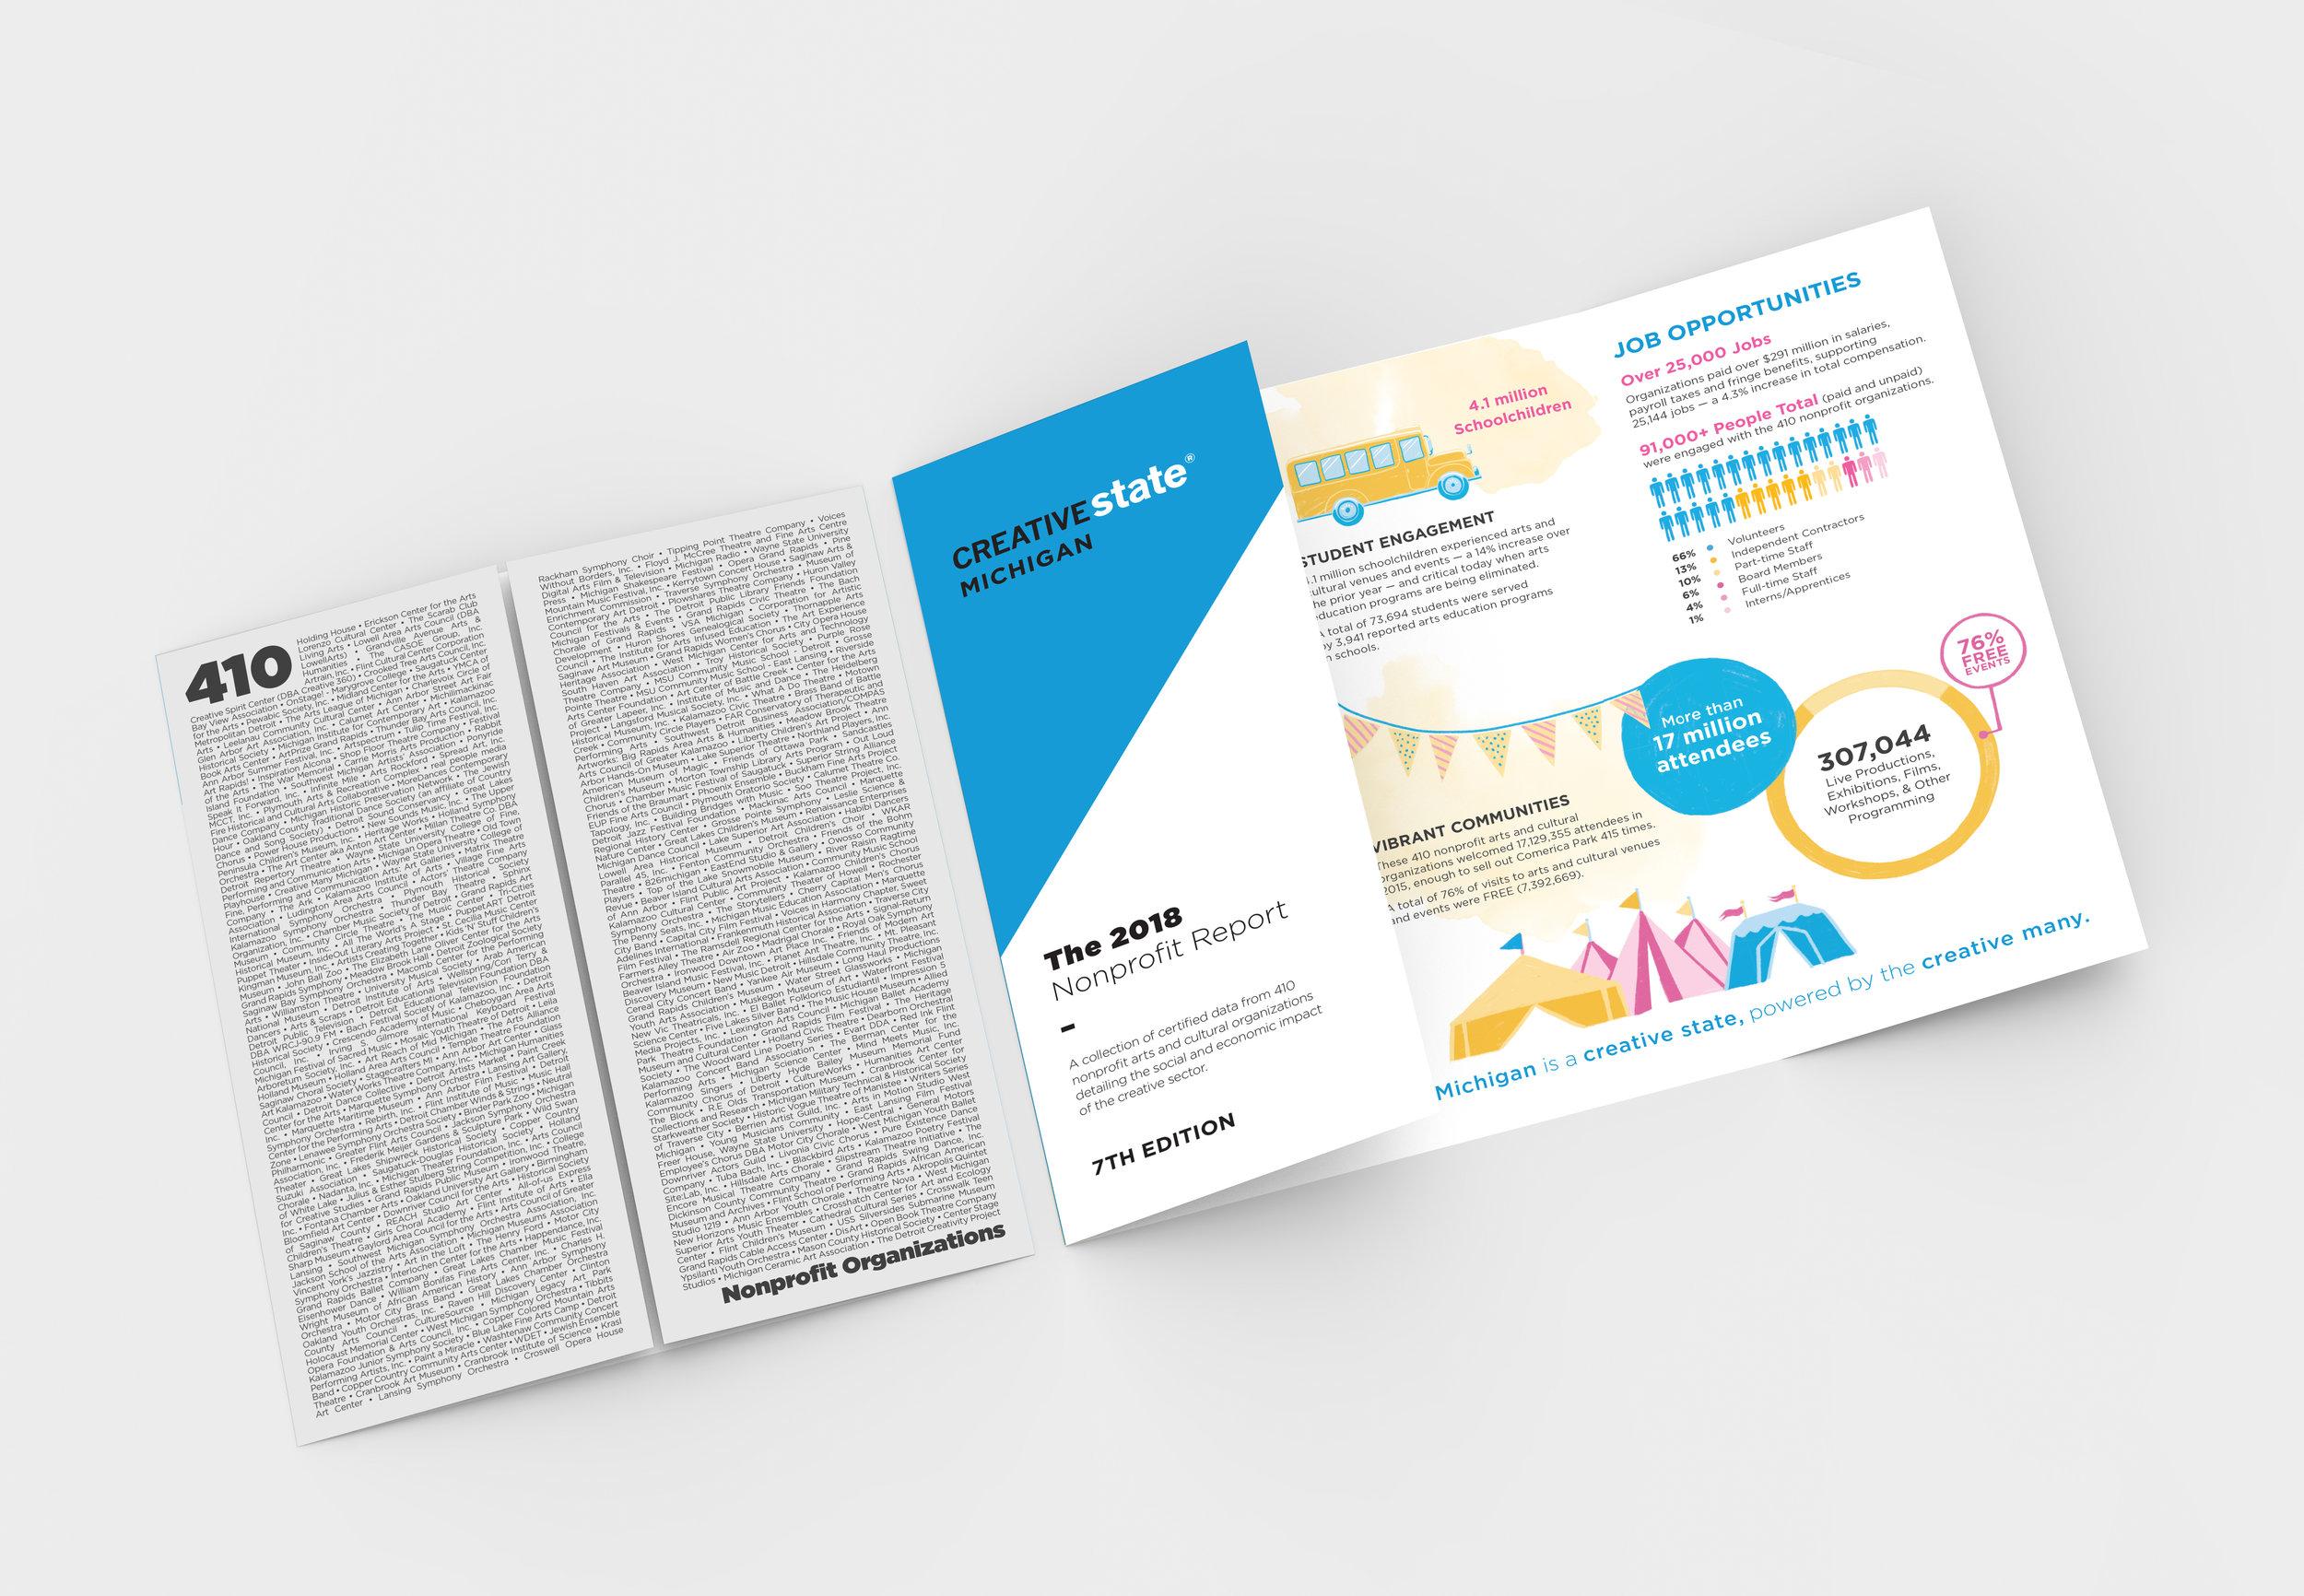 2018 Nonprofit Report, Brochure  Creative Many Michigan